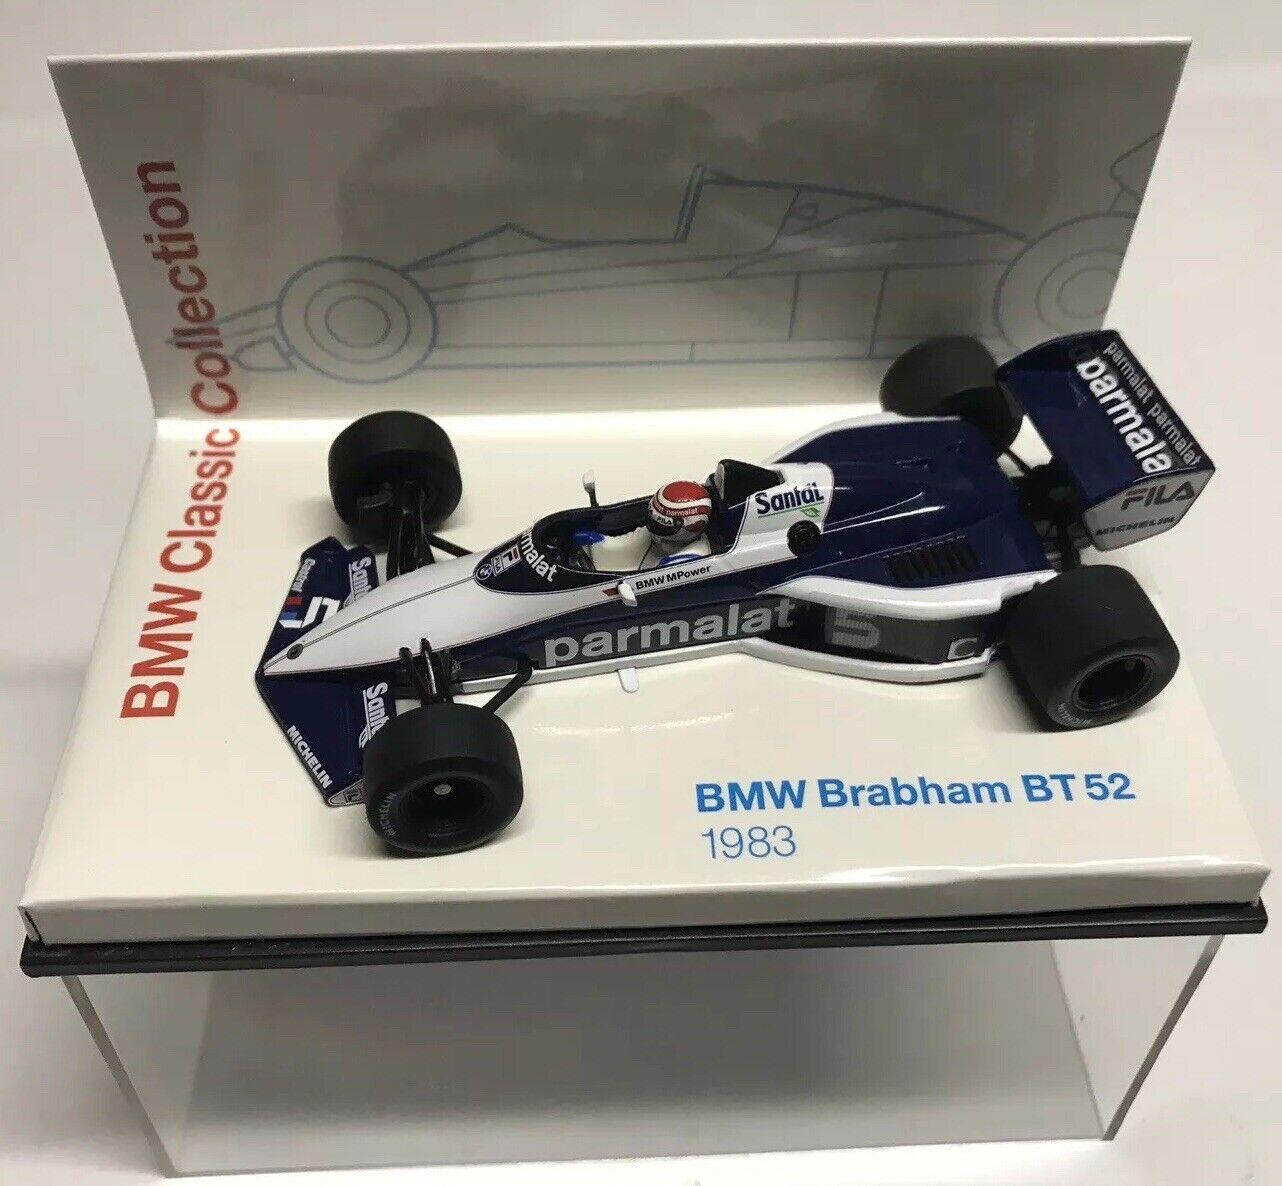 Minichamps 1983 Nelson Piquet de hecho, Parmalat Brabham BMW BT52  5 Grand Prix 1 43 Nuevo en Caja